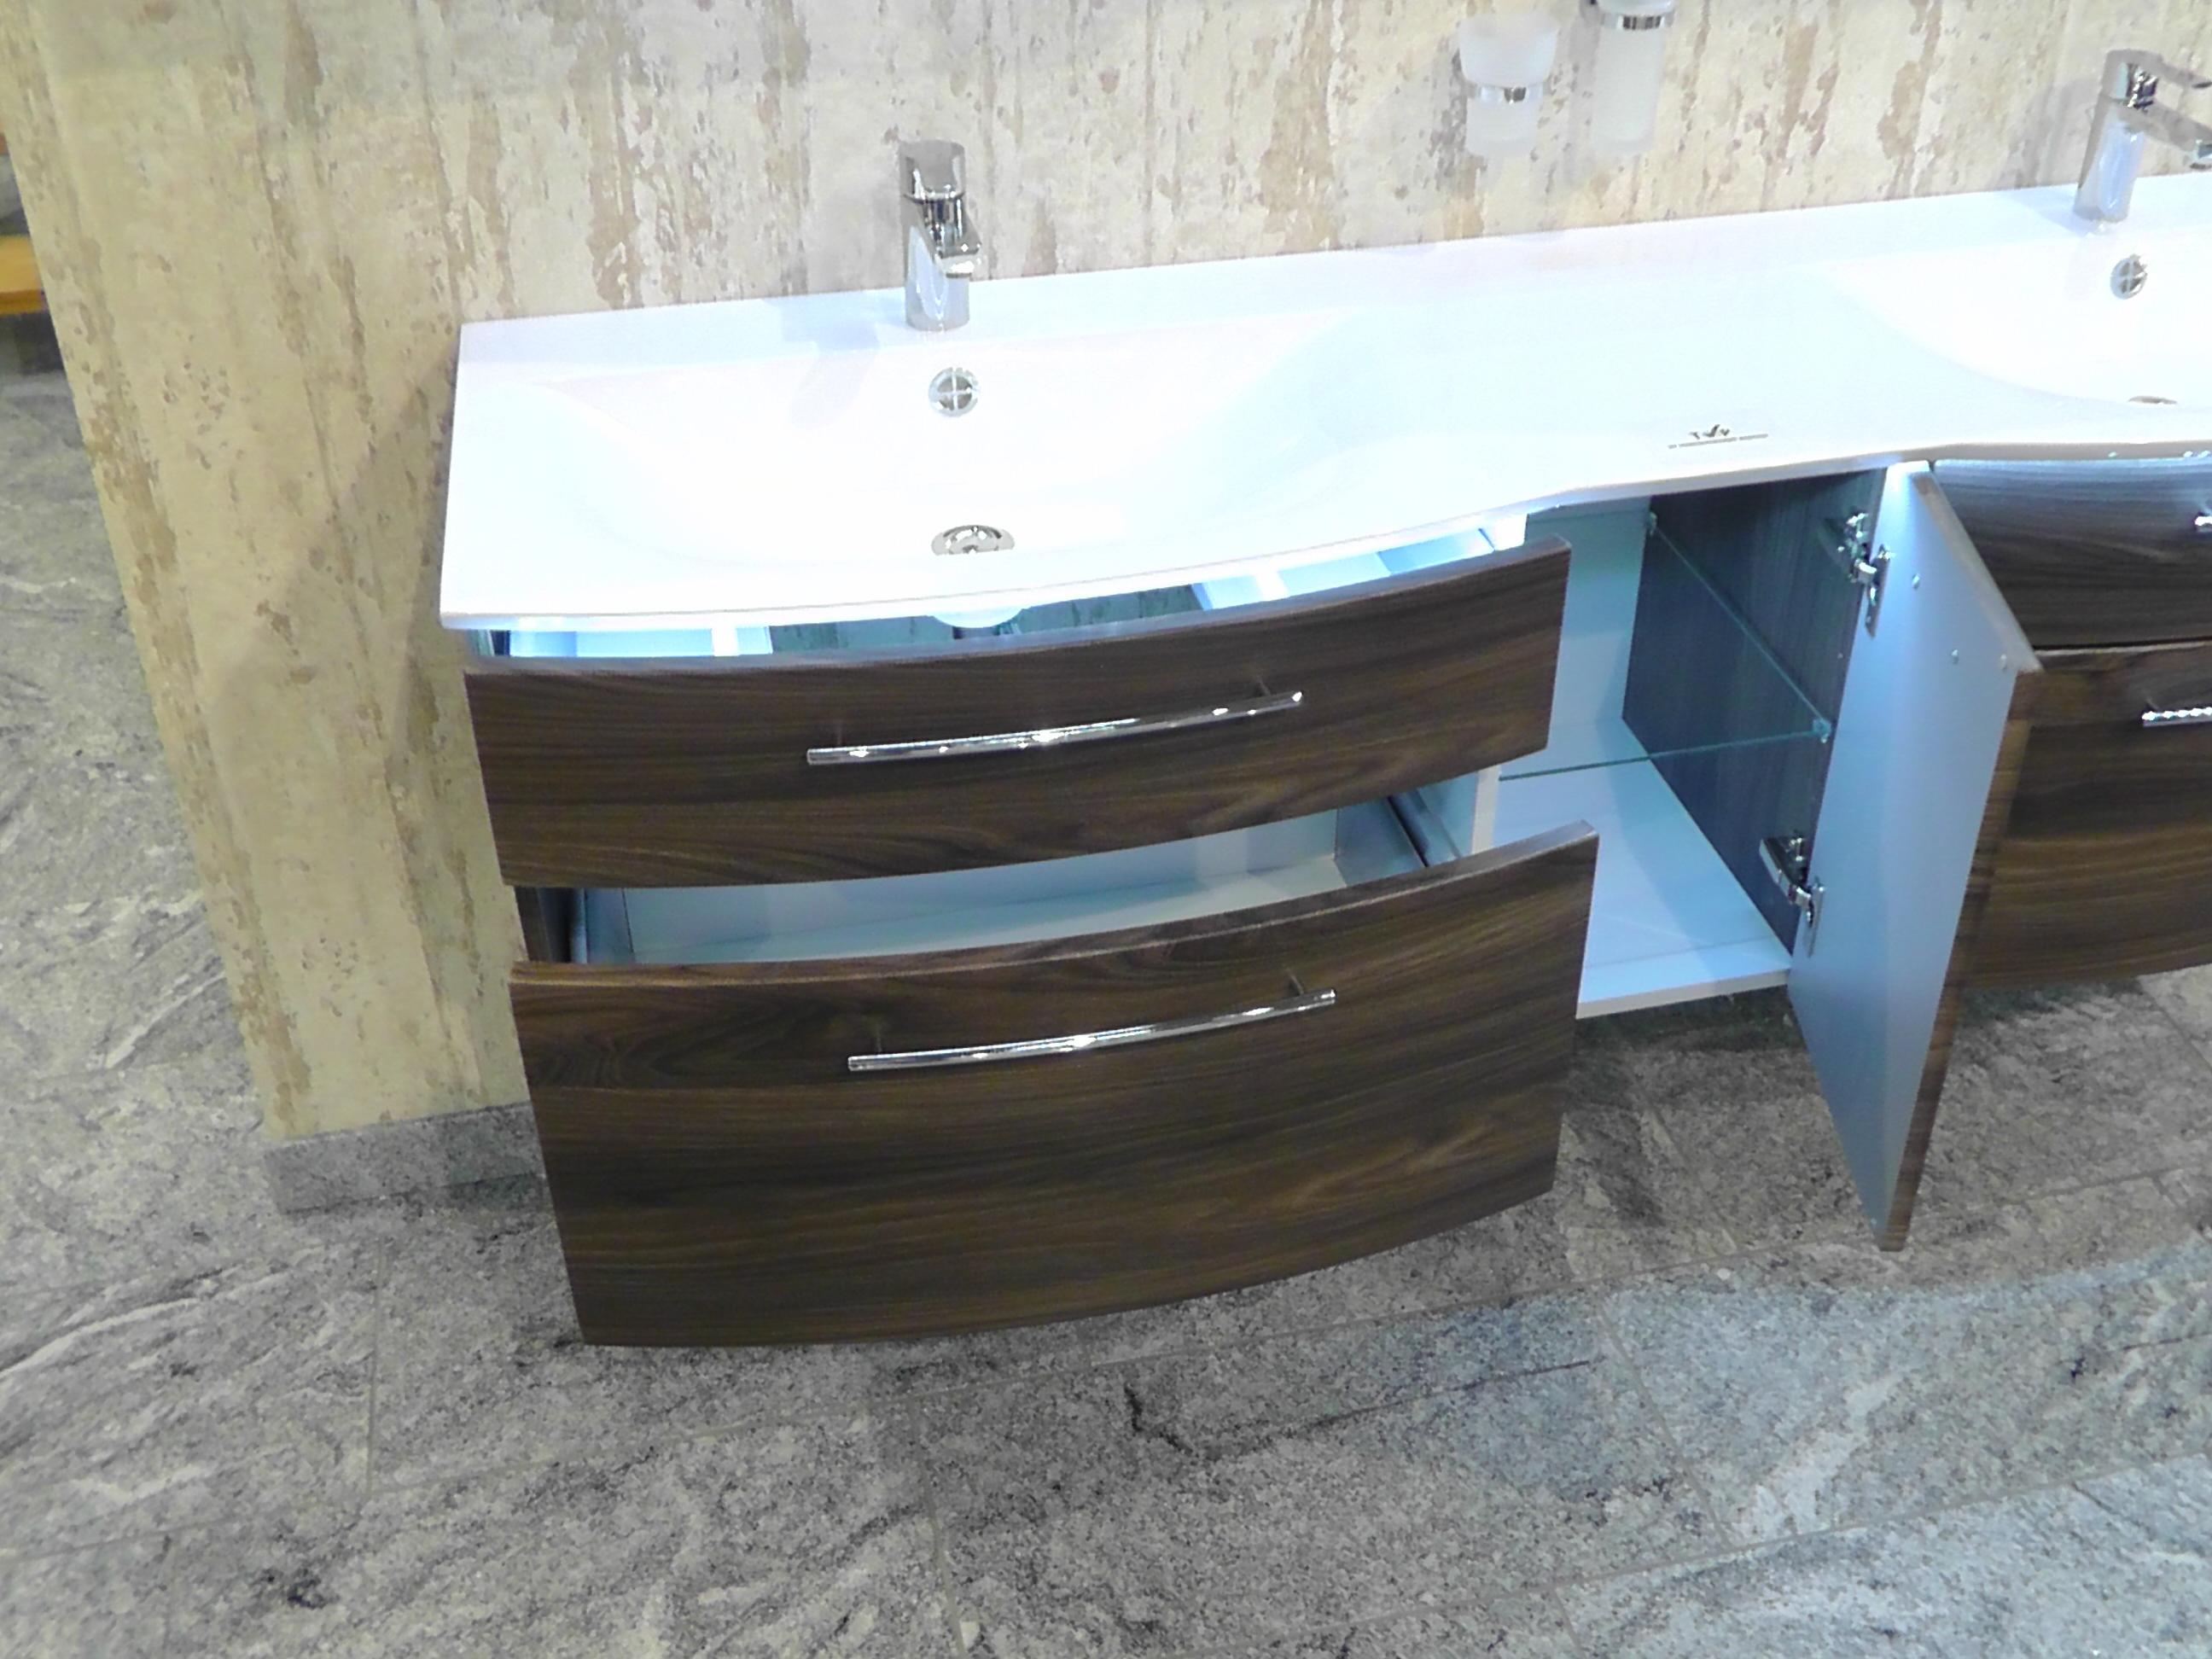 Badmöbel set mit spiegelschrankdeko fürs bad  Badmöbel Für Doppelwaschtisch: Doppelwaschtisch badmöbel set weiß ...